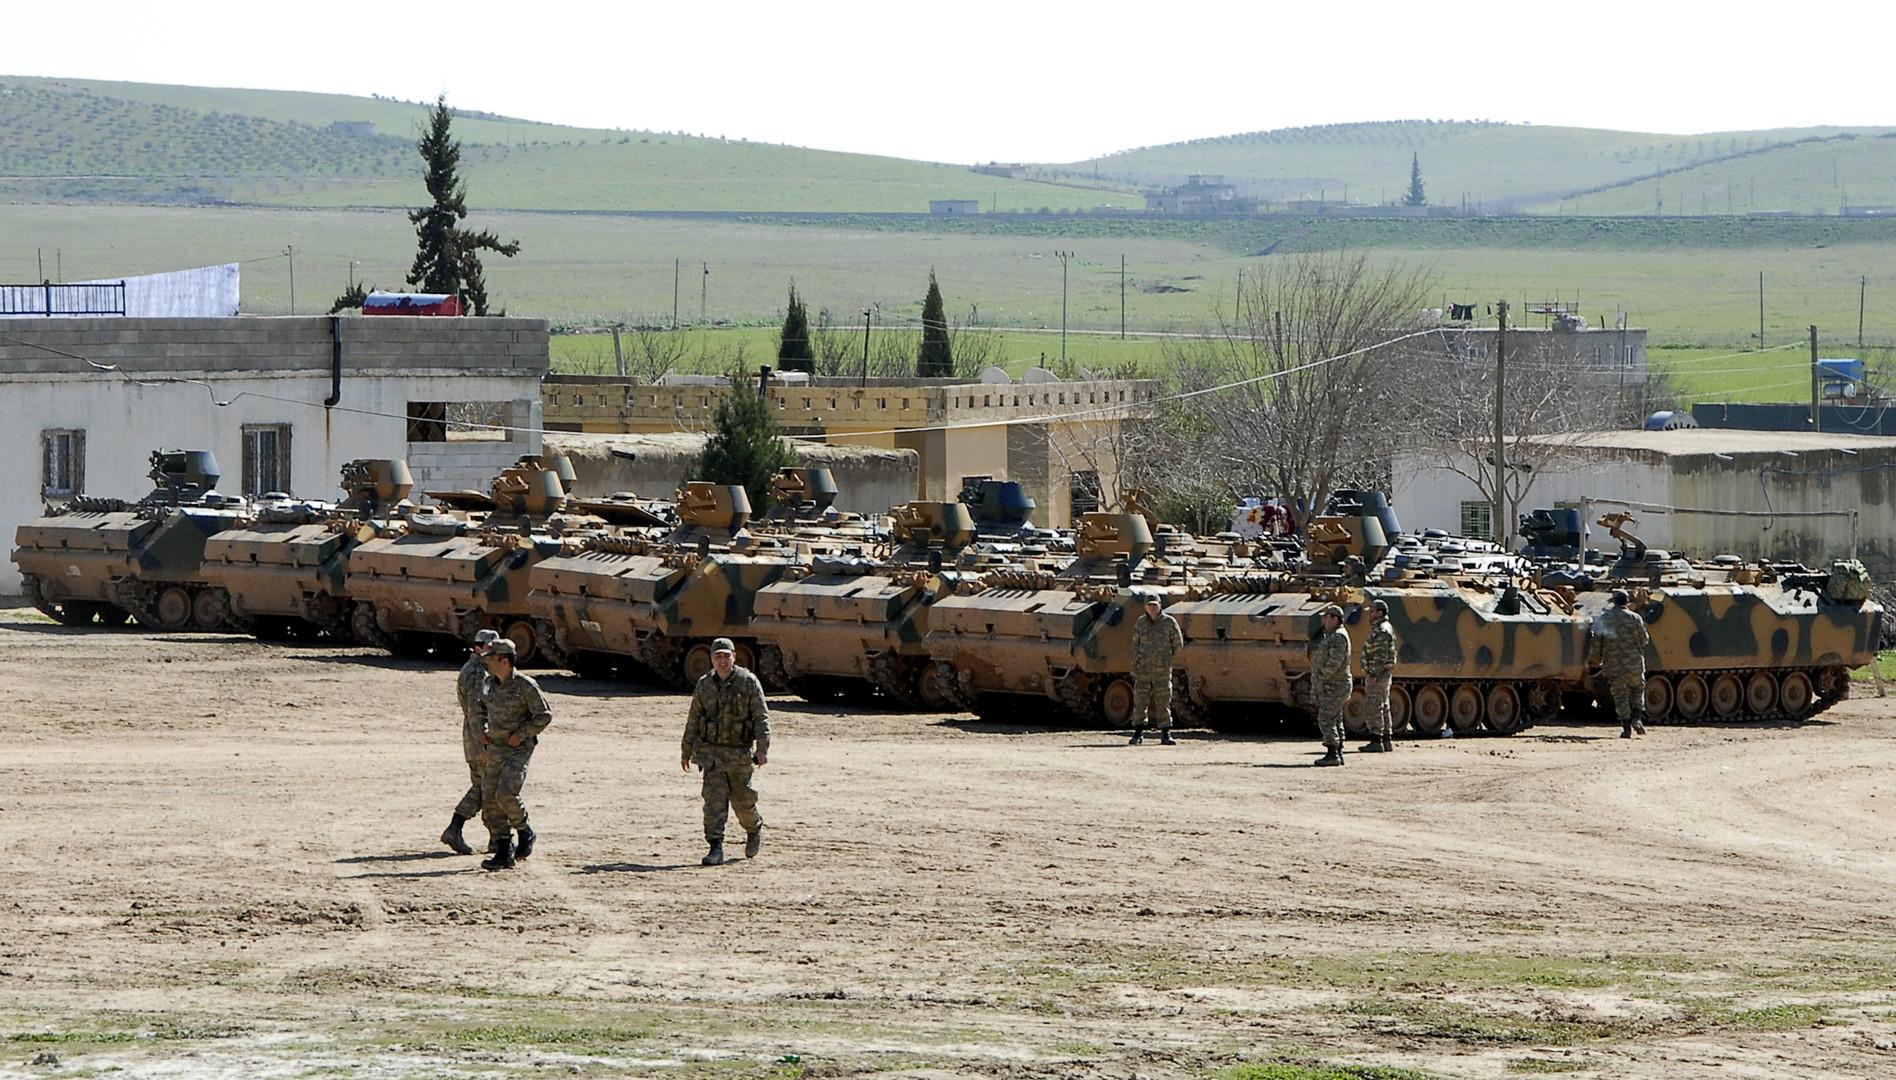 وسائل إعلام: تركيا أرسلت معدات عسكرية إلى الحدود مع سوريا